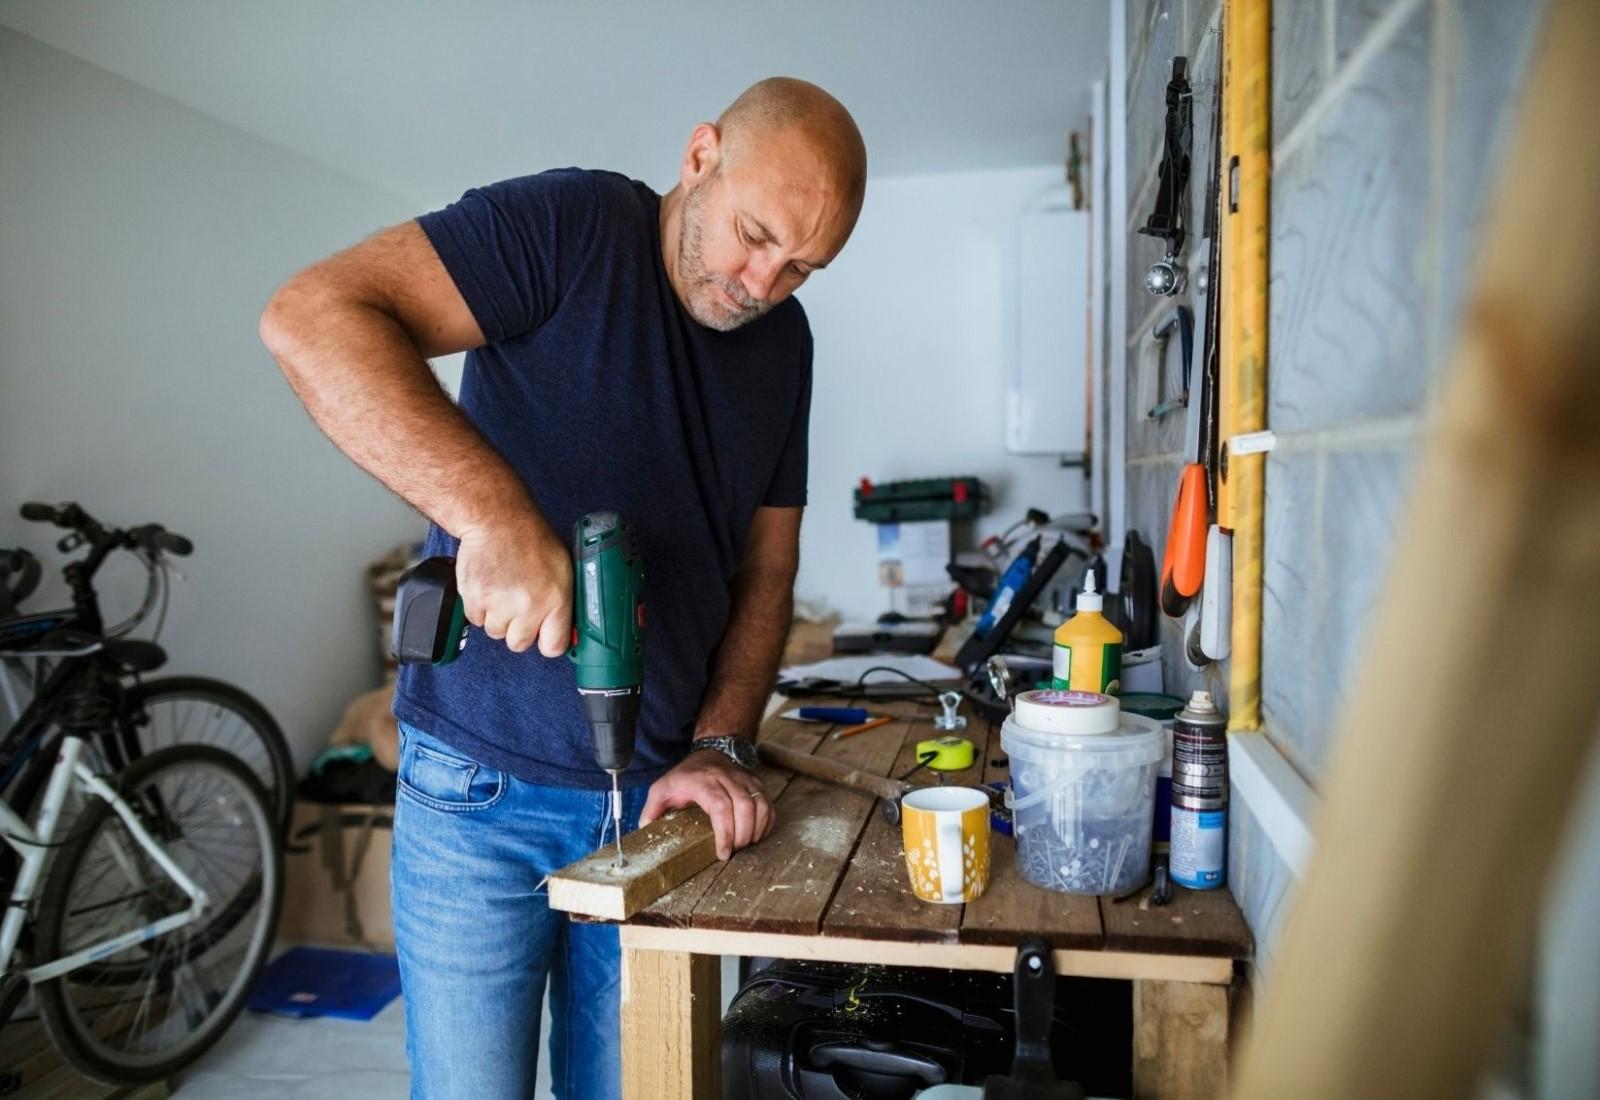 Residential Handyman DIY repair small job building